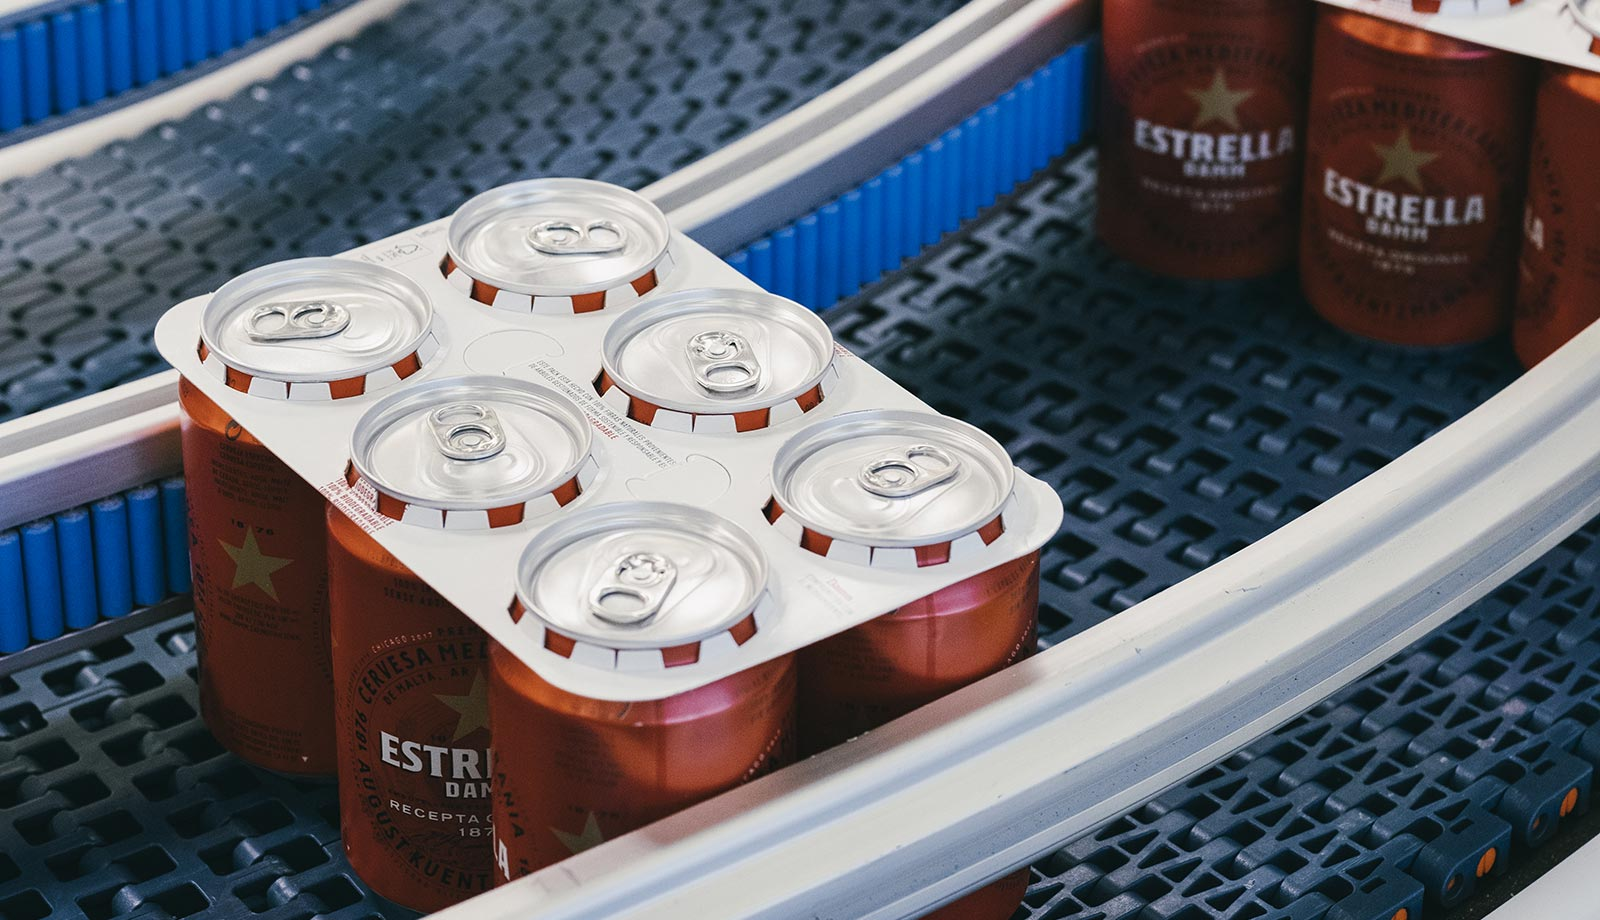 Adiós a las anillas de plástico de los packs de latas